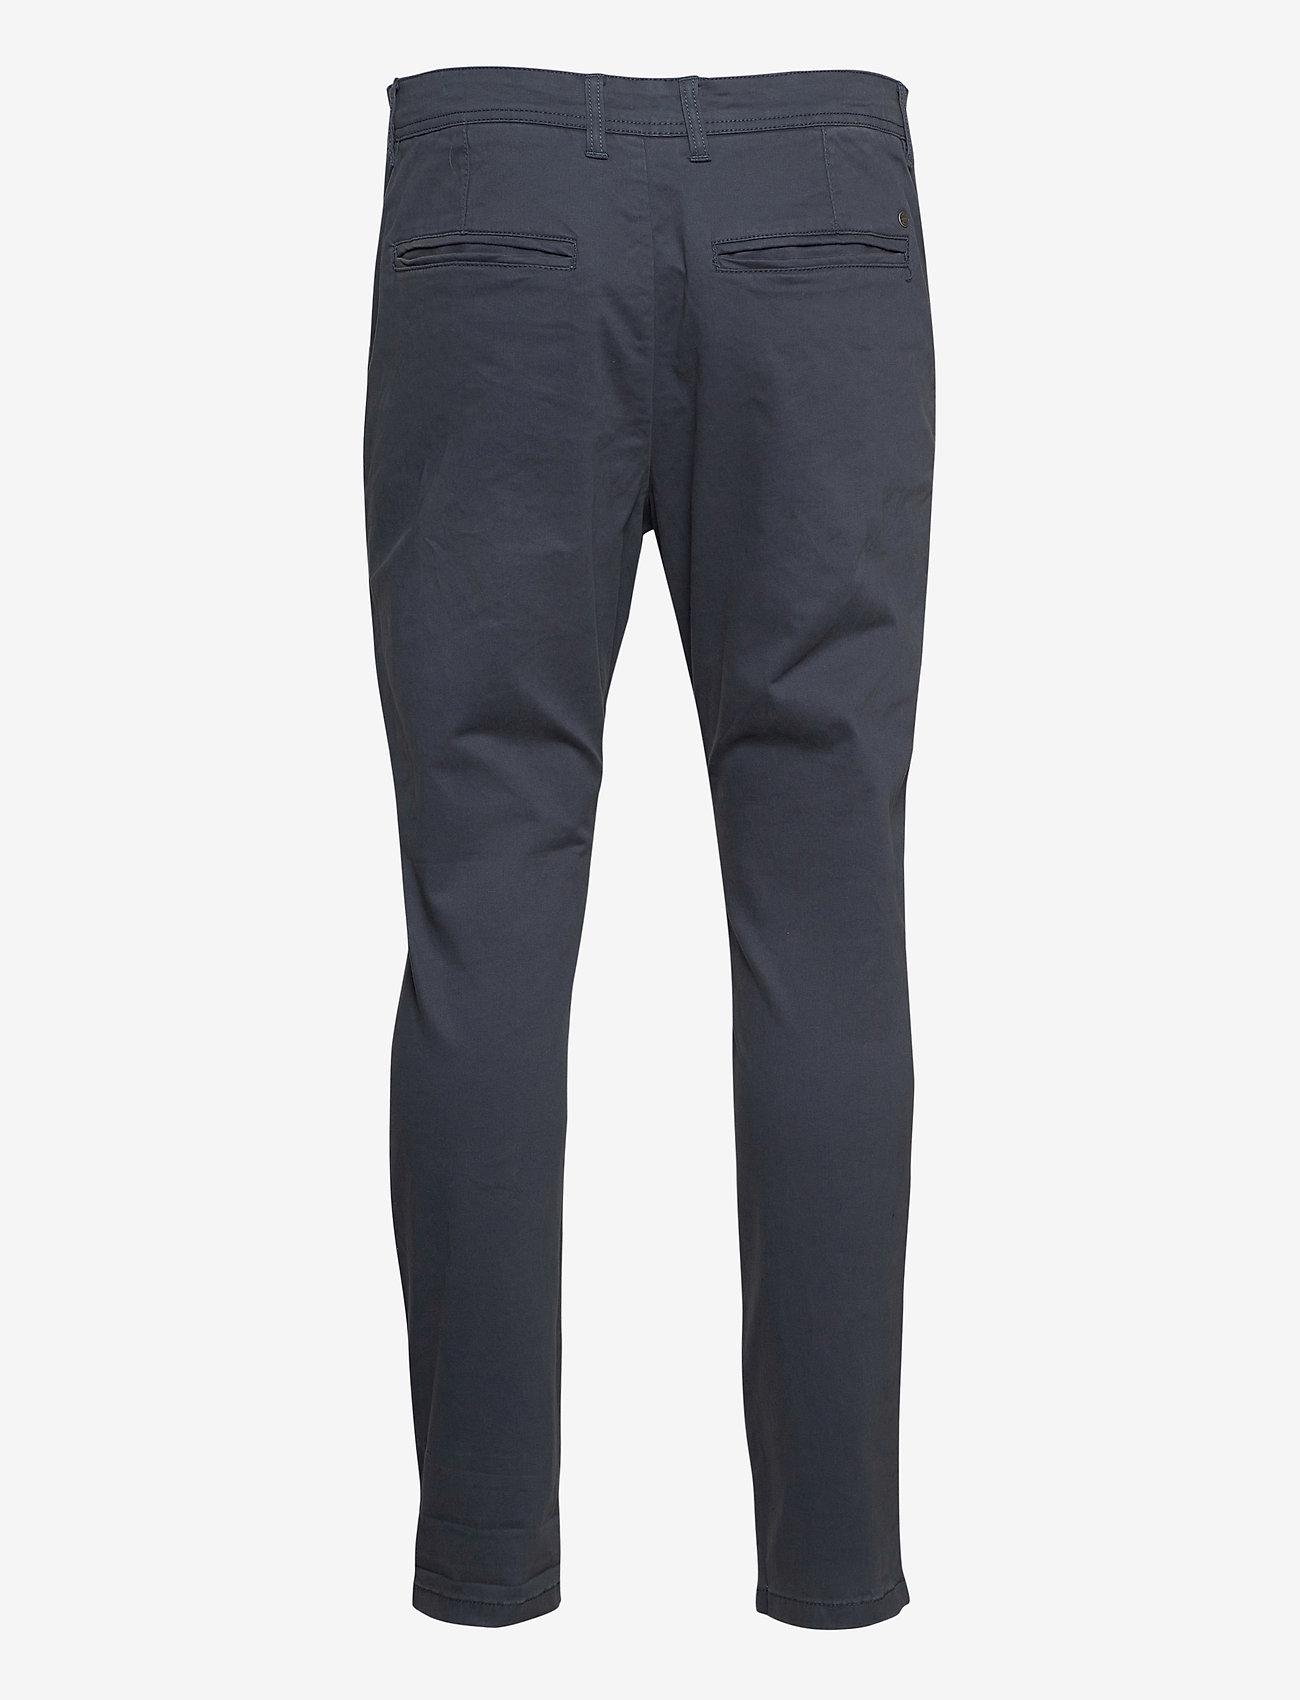 Solid 6208601, Pants - SDJim - Bukser INSIGNIA B - Menn Klær